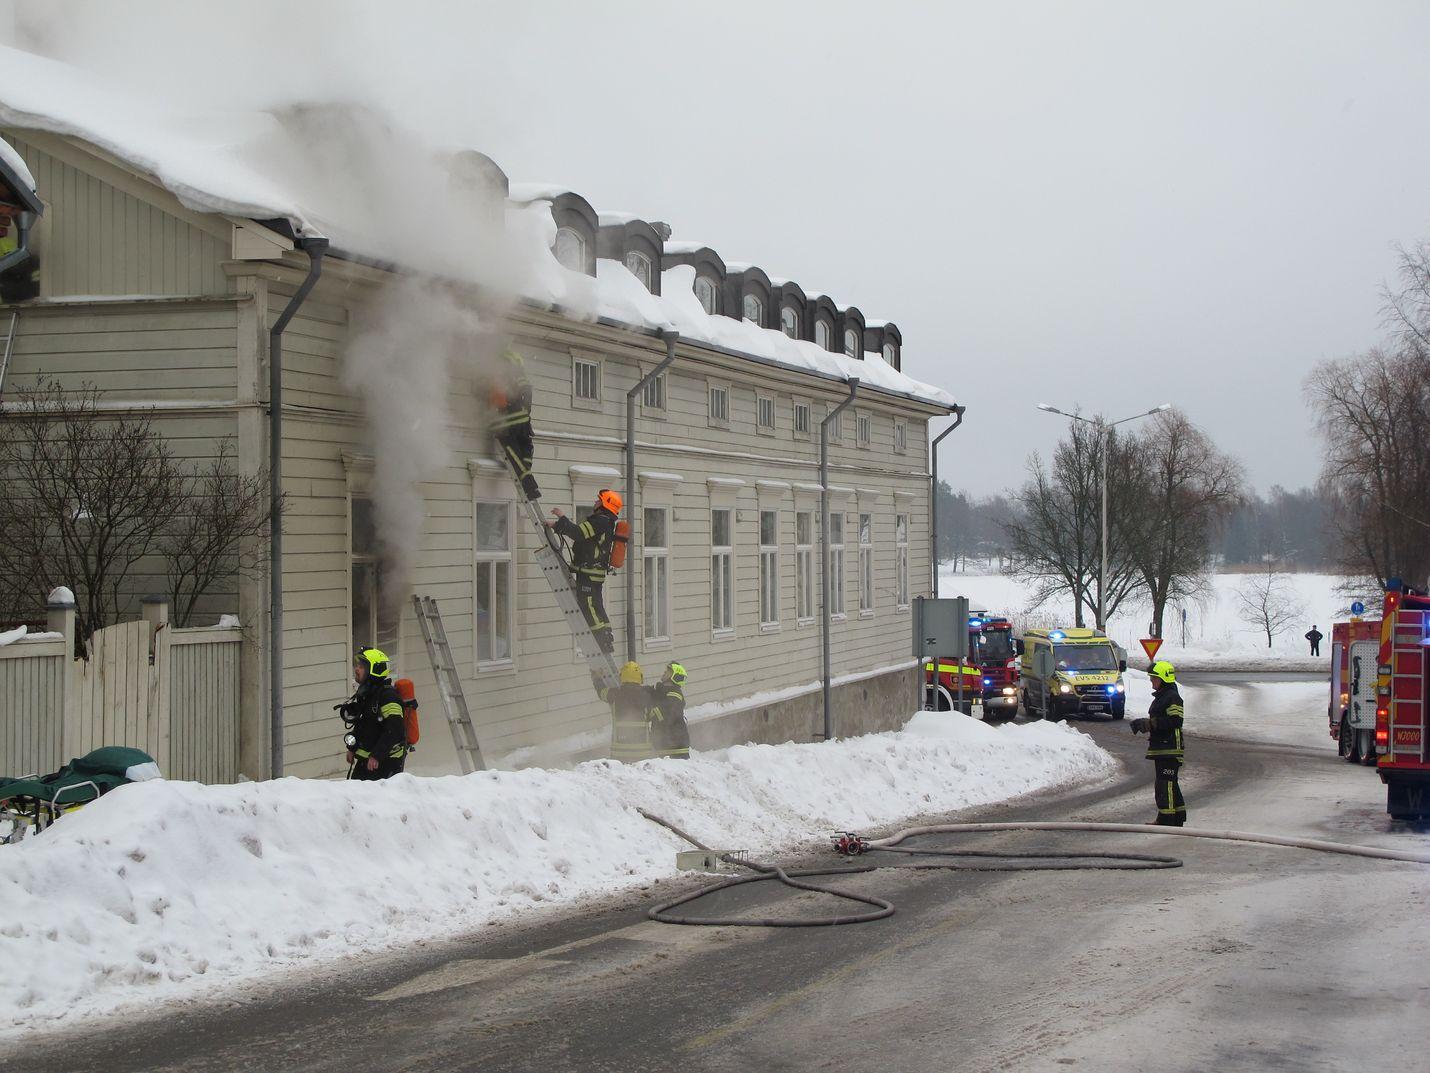 Palon syttymissyystä ei ole tietoa, ja poliisi aloittaa teknisen tutkinnan heti kun se on mahdollista.